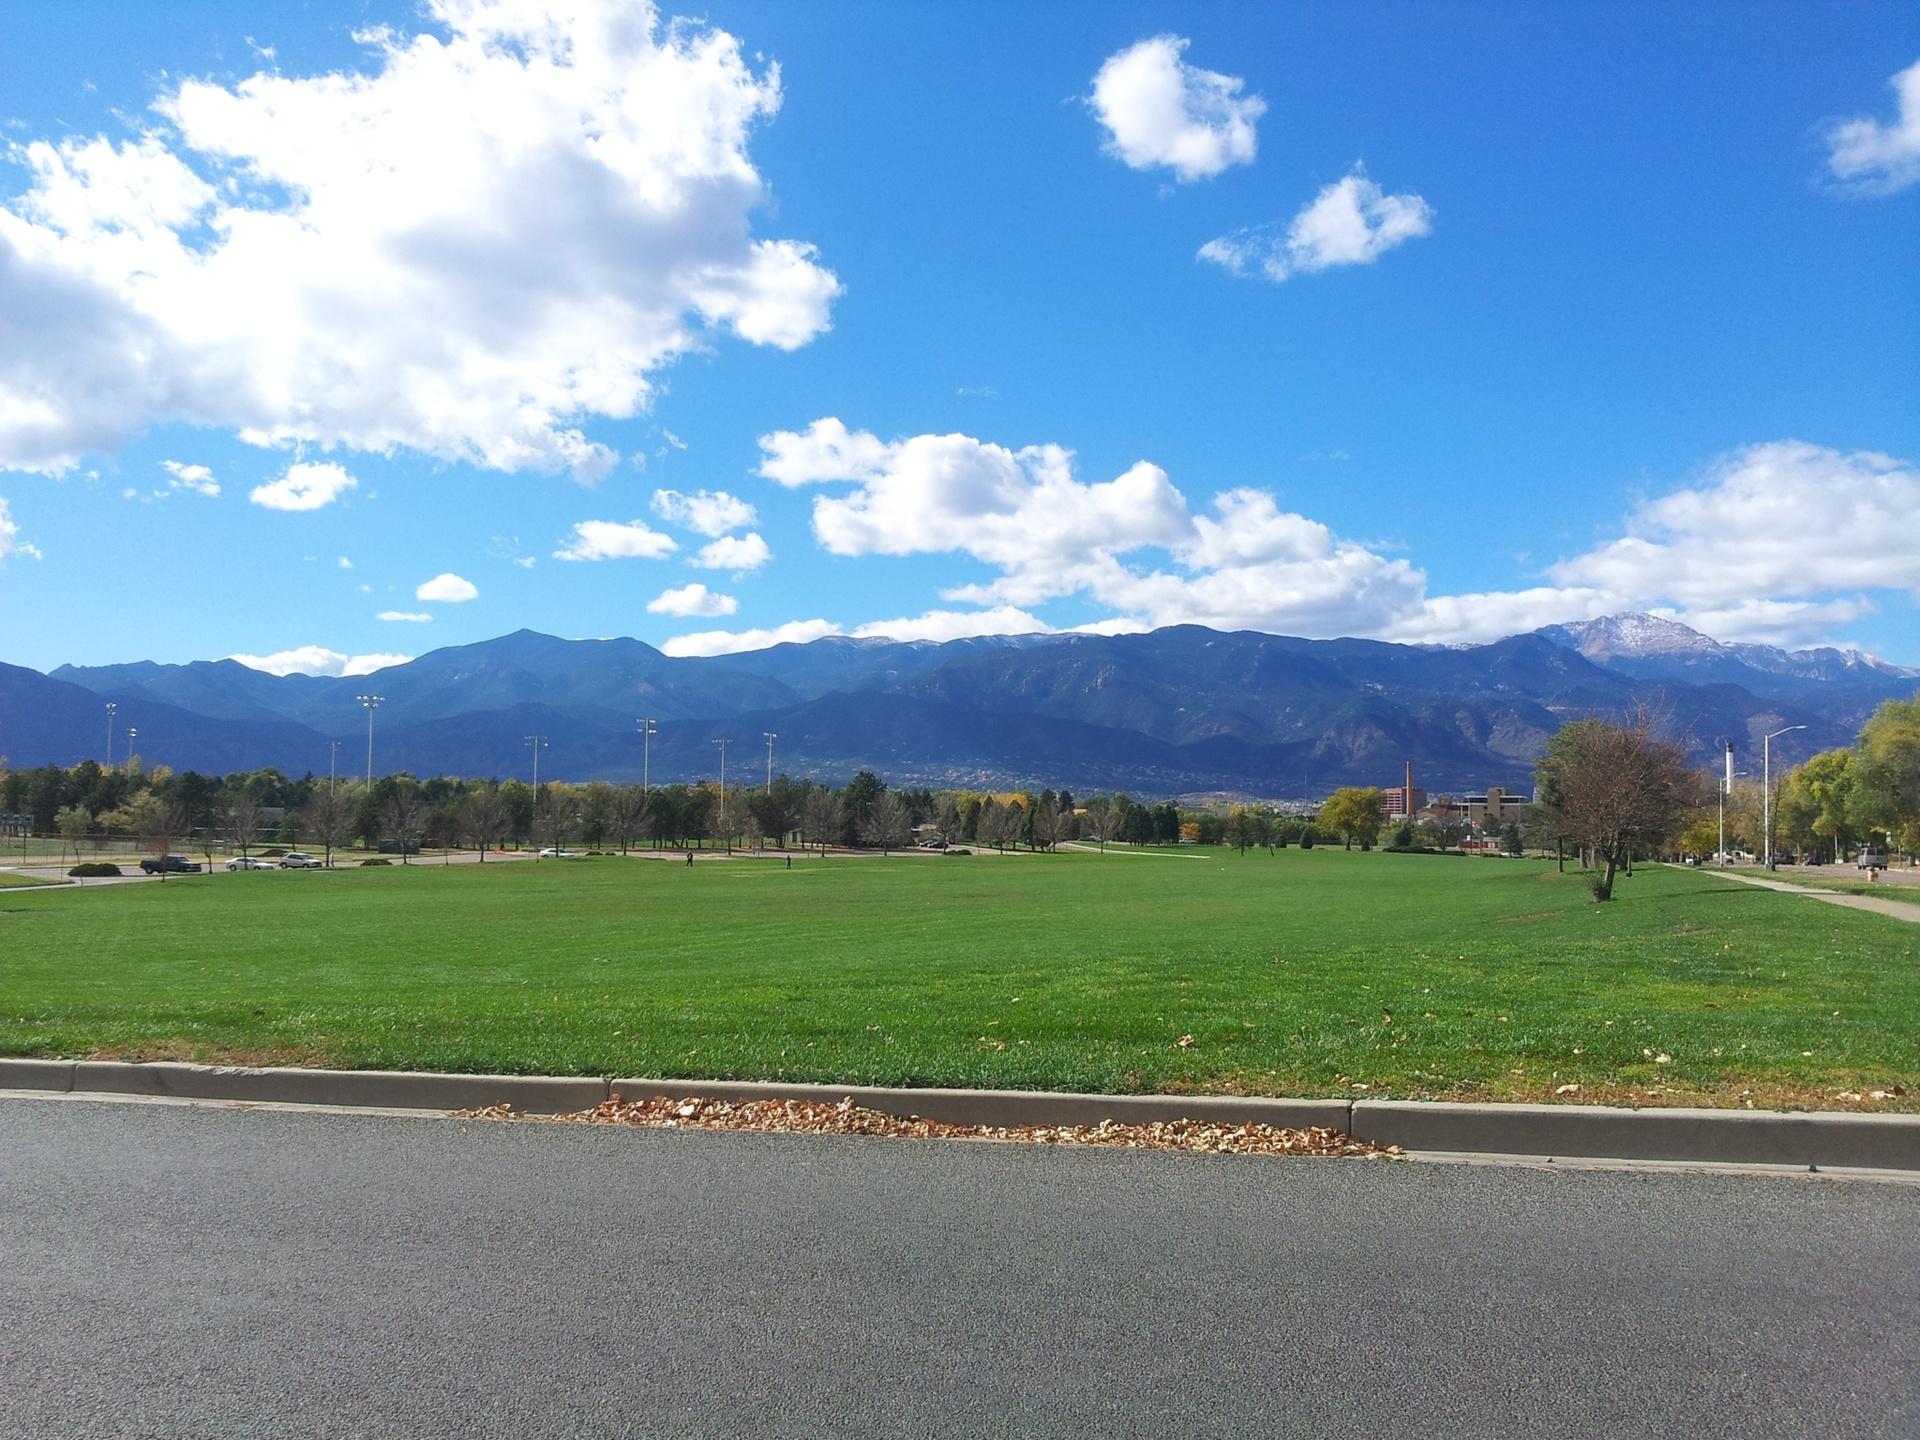 View of pikes peak from Colorado Springs, Colorado